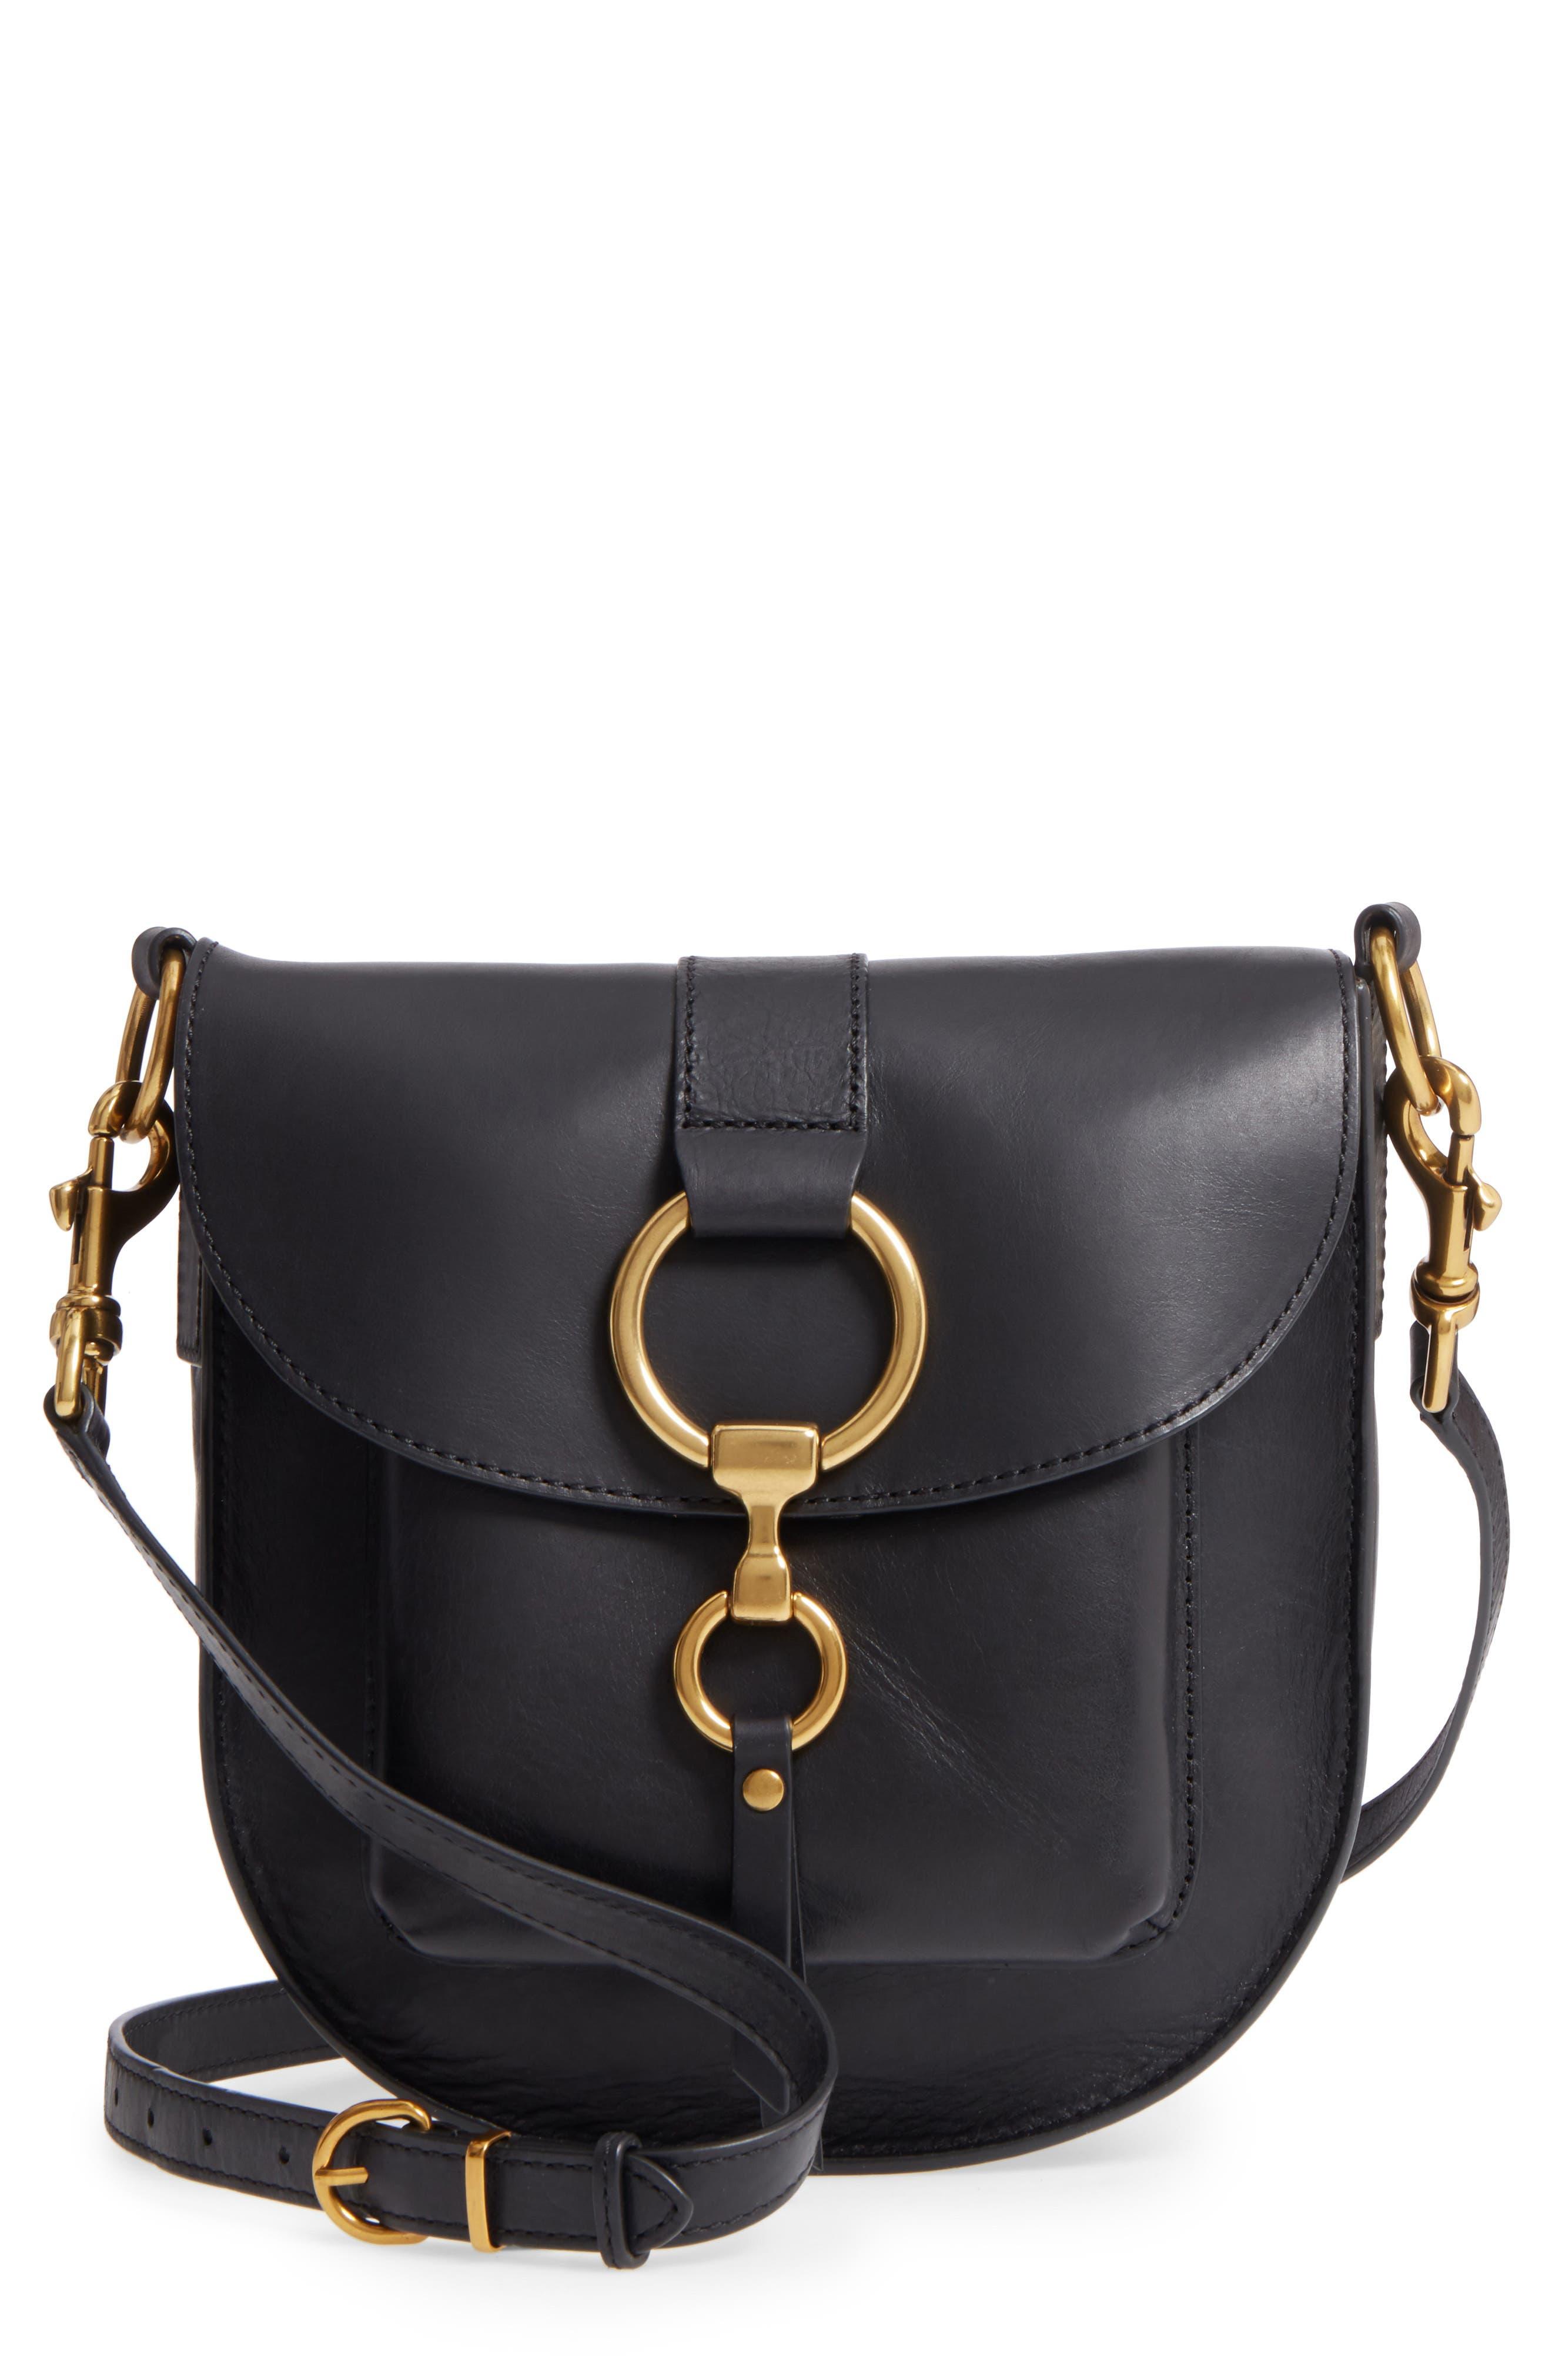 Ilana Leather Saddle Bag,                             Main thumbnail 1, color,                             001